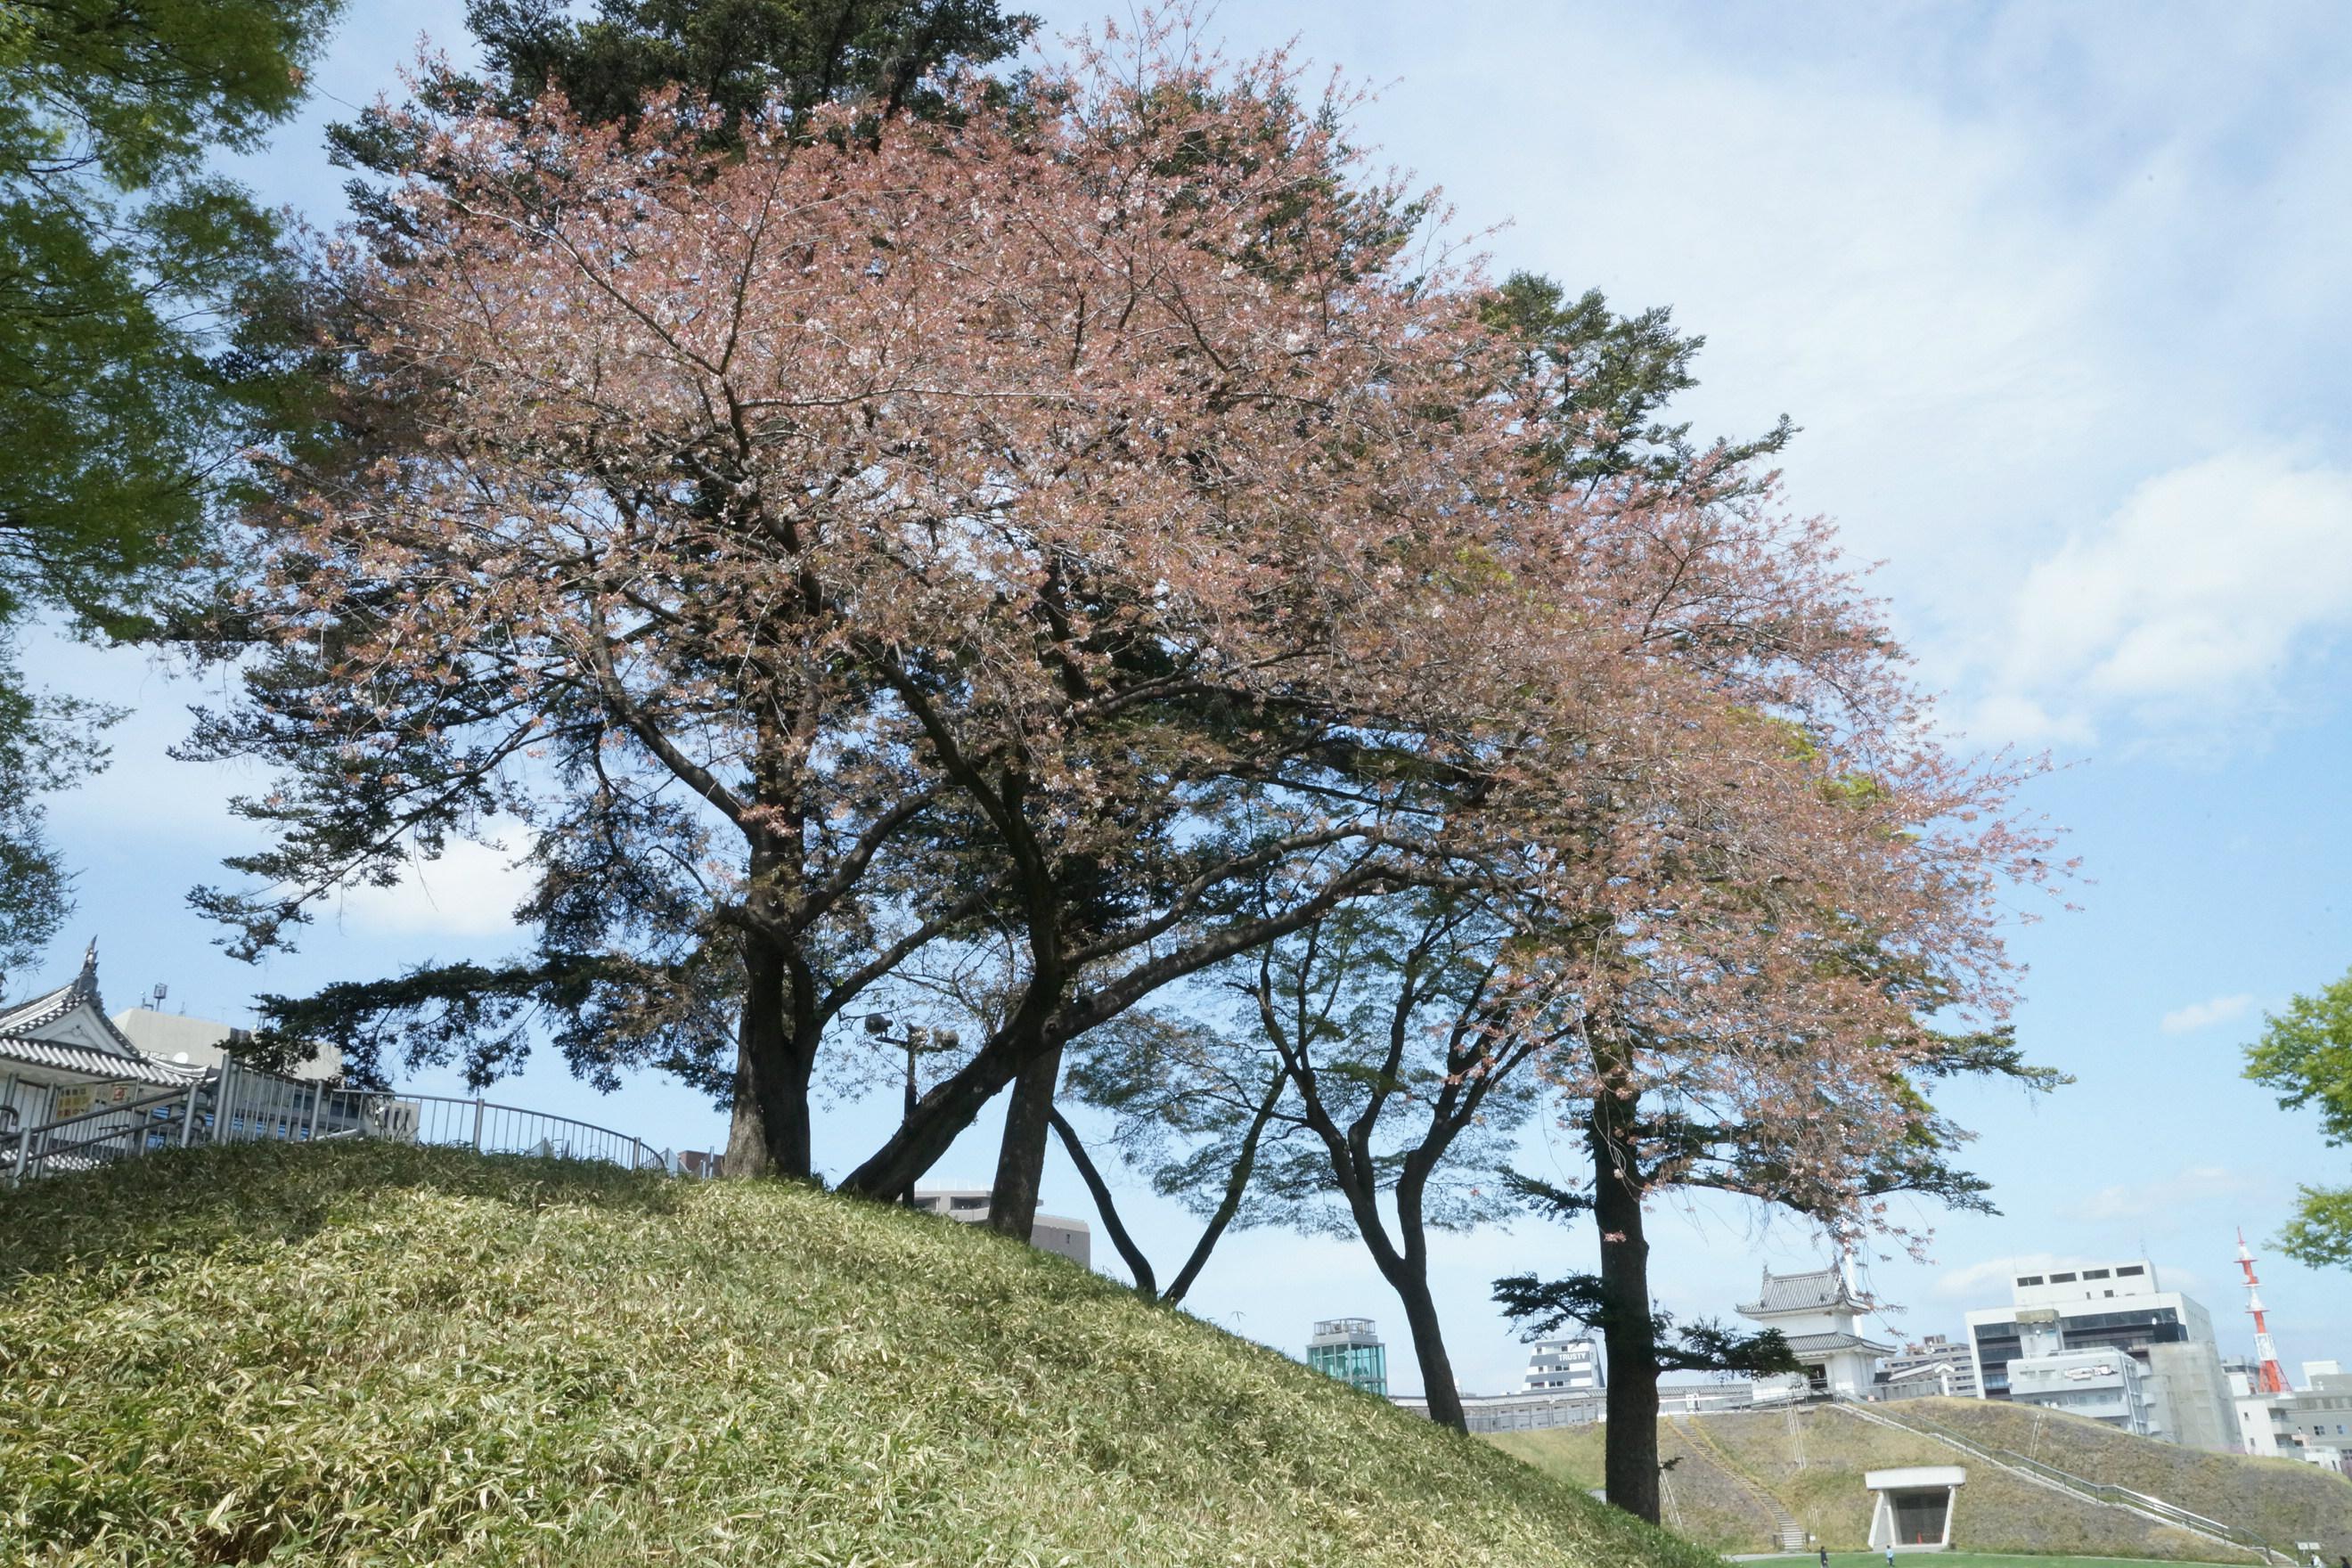 宇都宮城址公園2018年4月5日更新